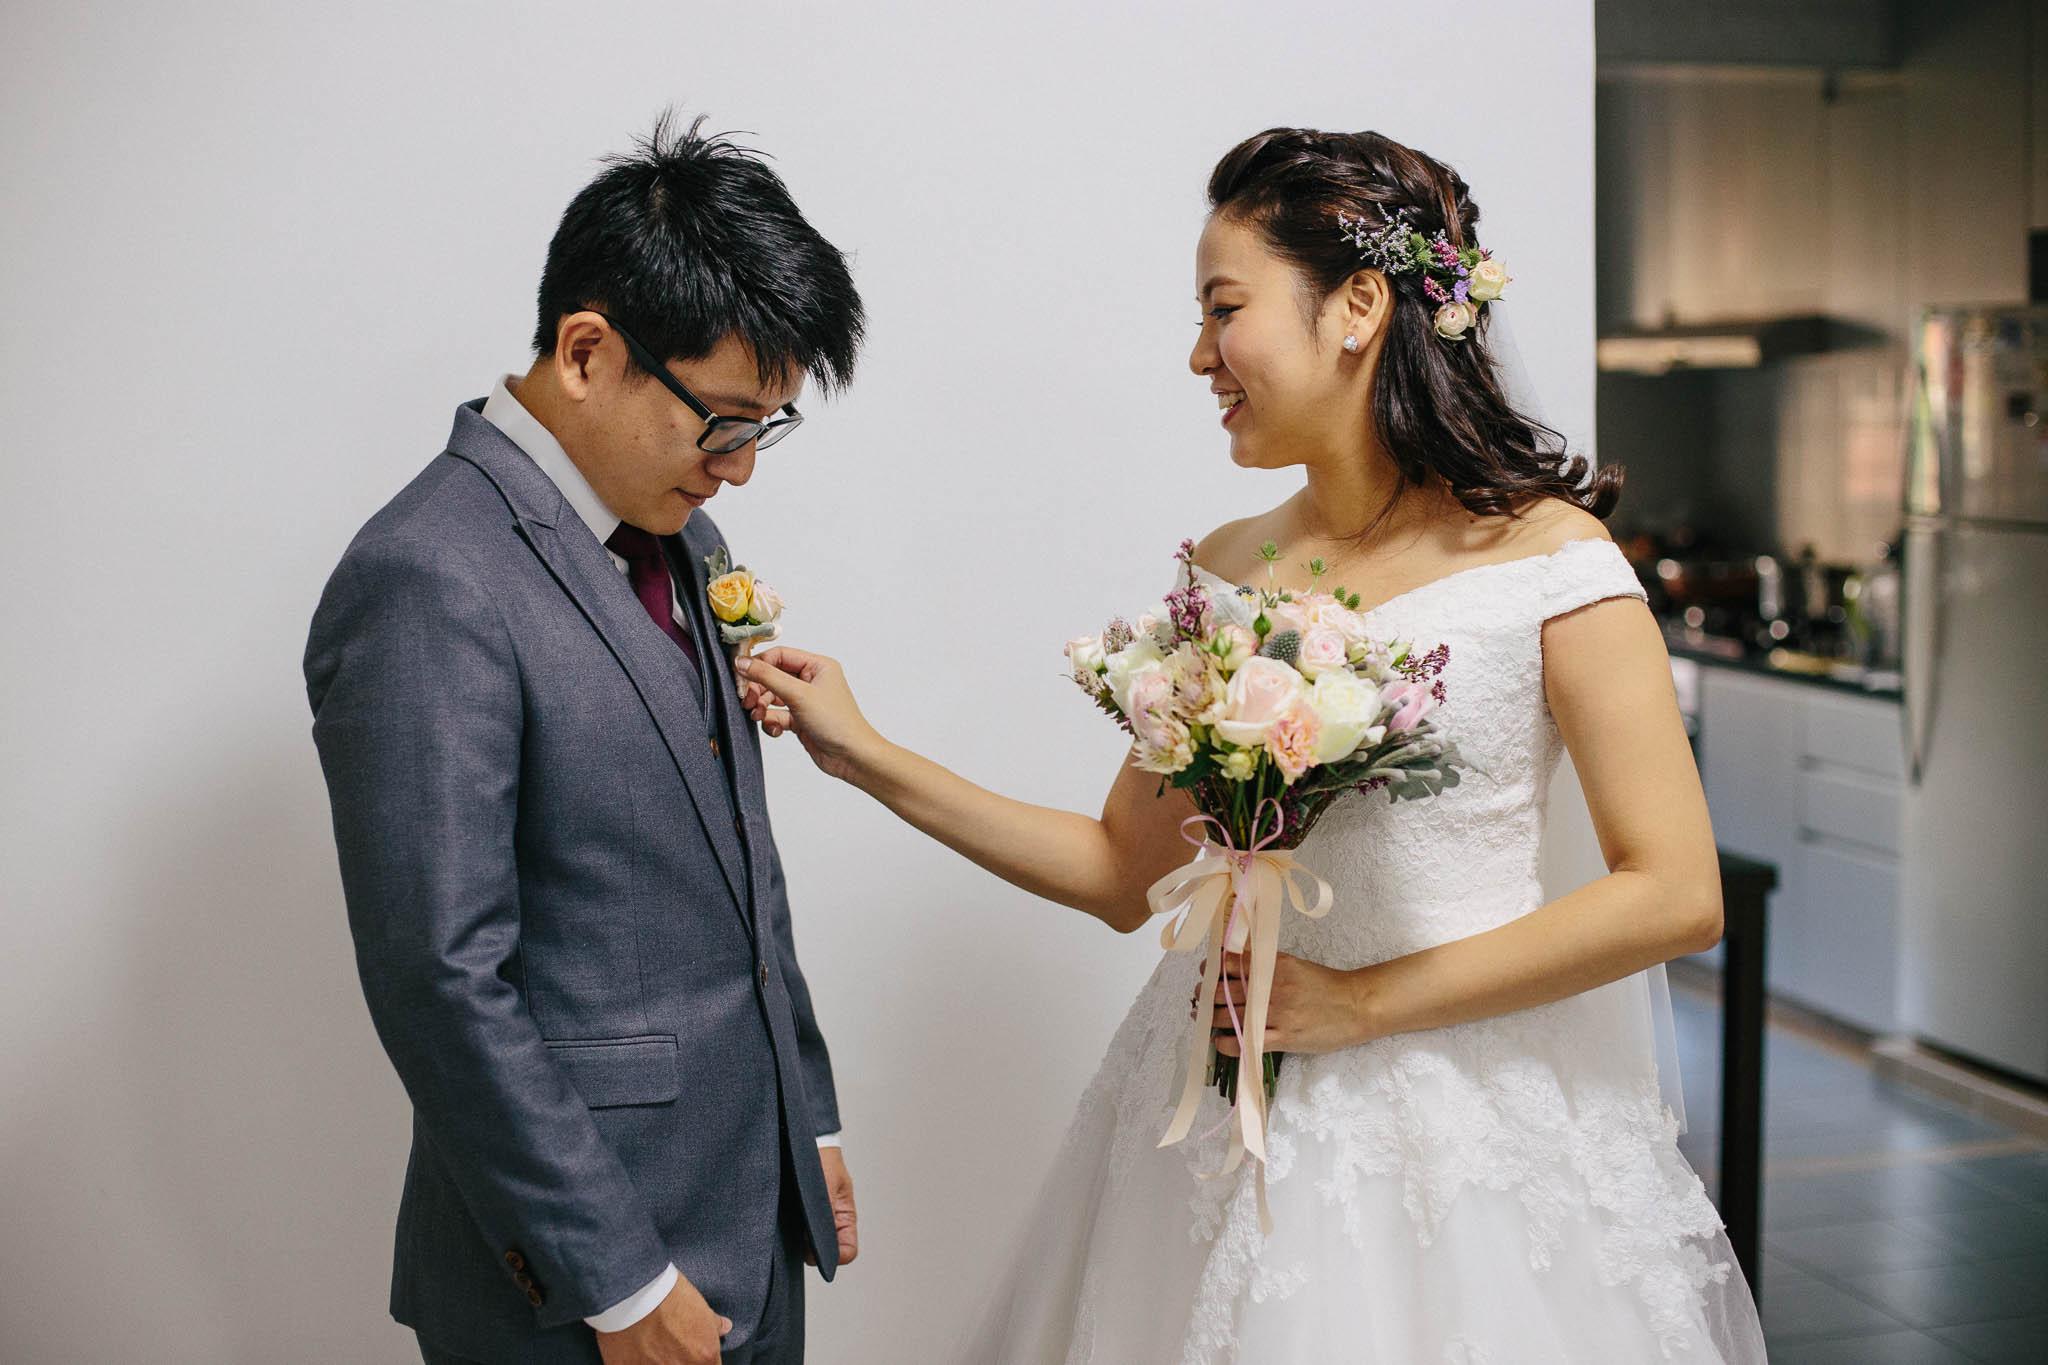 singapore-wedding-photographer-zhongwei-shihui-020.jpg